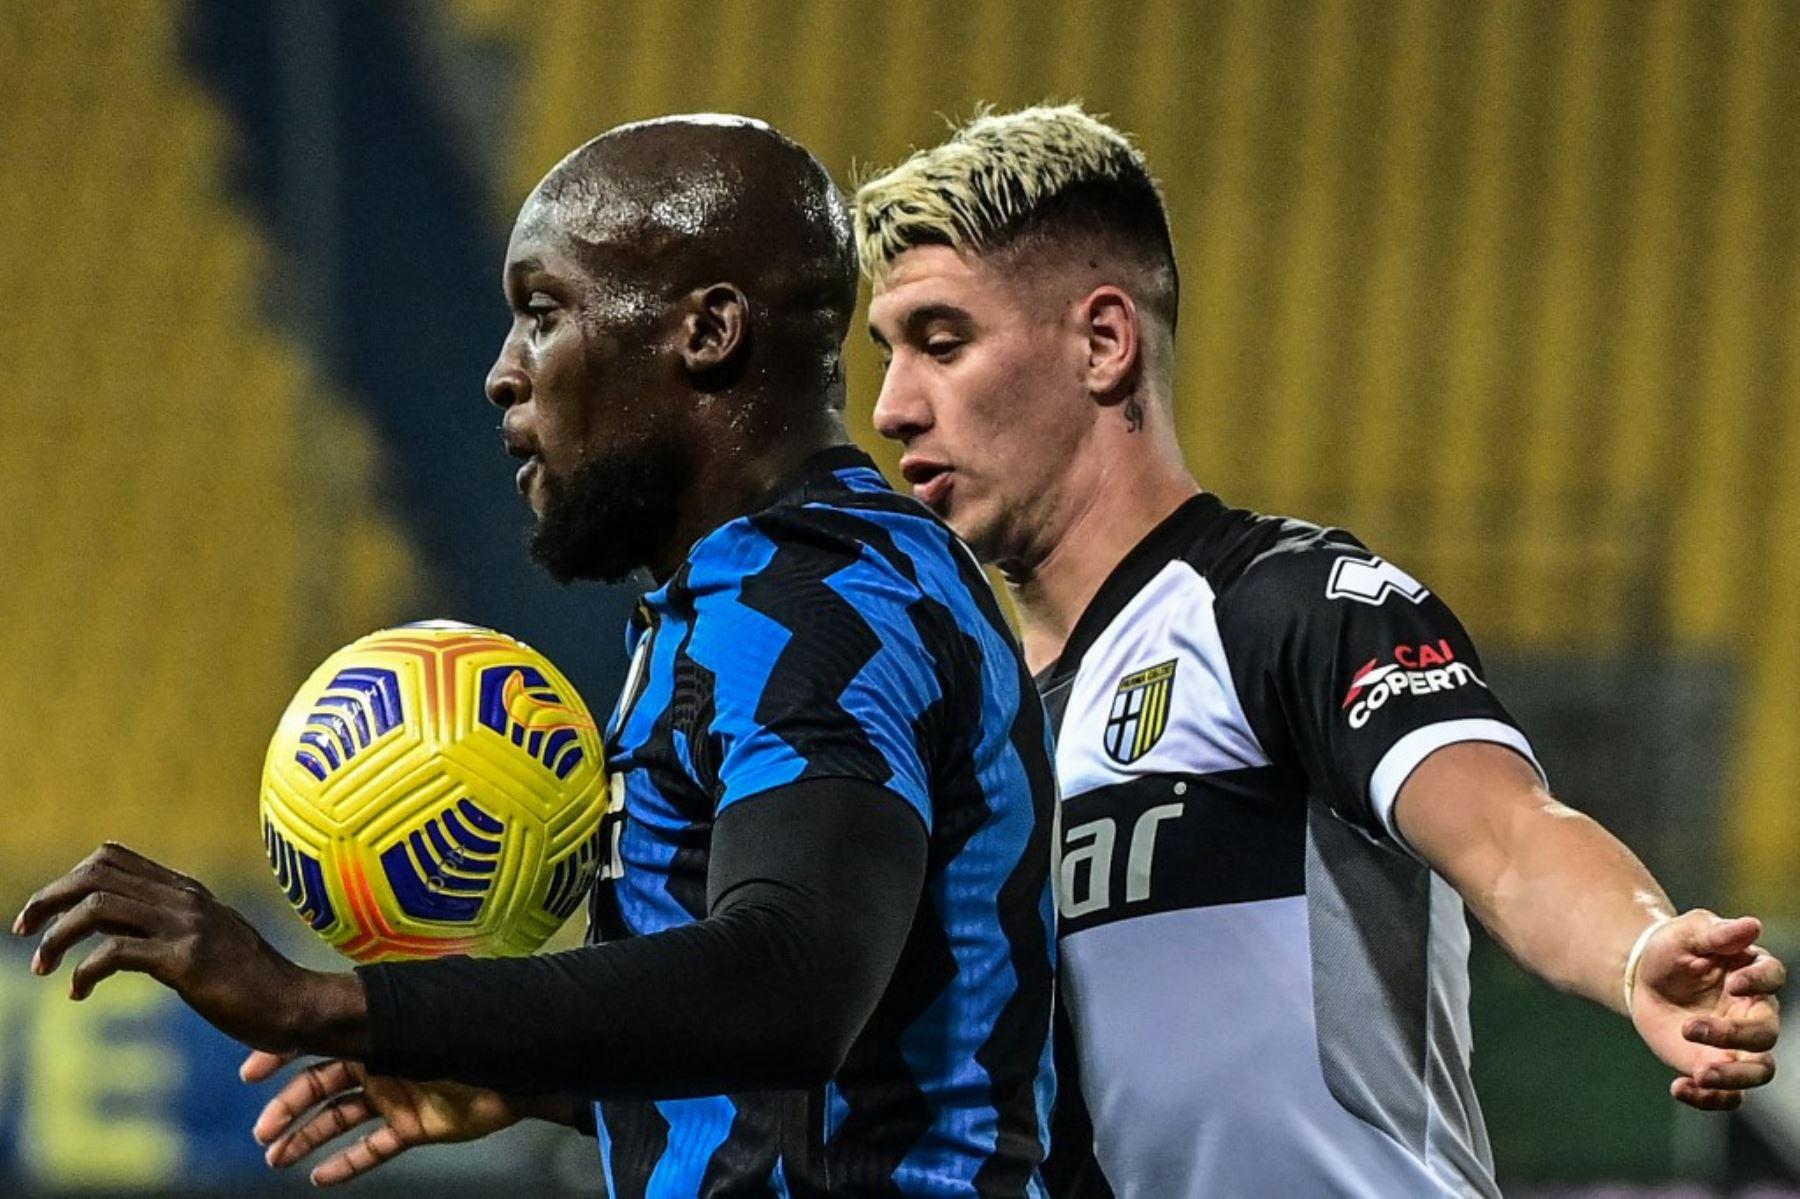 Avance belga del Inter de Milán Romelu Lukaku (L) pecho controla el balón delante del defensor argentino de Parma Lautaro Valenti durante el partido de fútbol de la Serie A italiana Parma vs Inter de Milán el 04 de marzo de 2021 en el estadio Ennio-Tardini de Parma. Foto: AFP